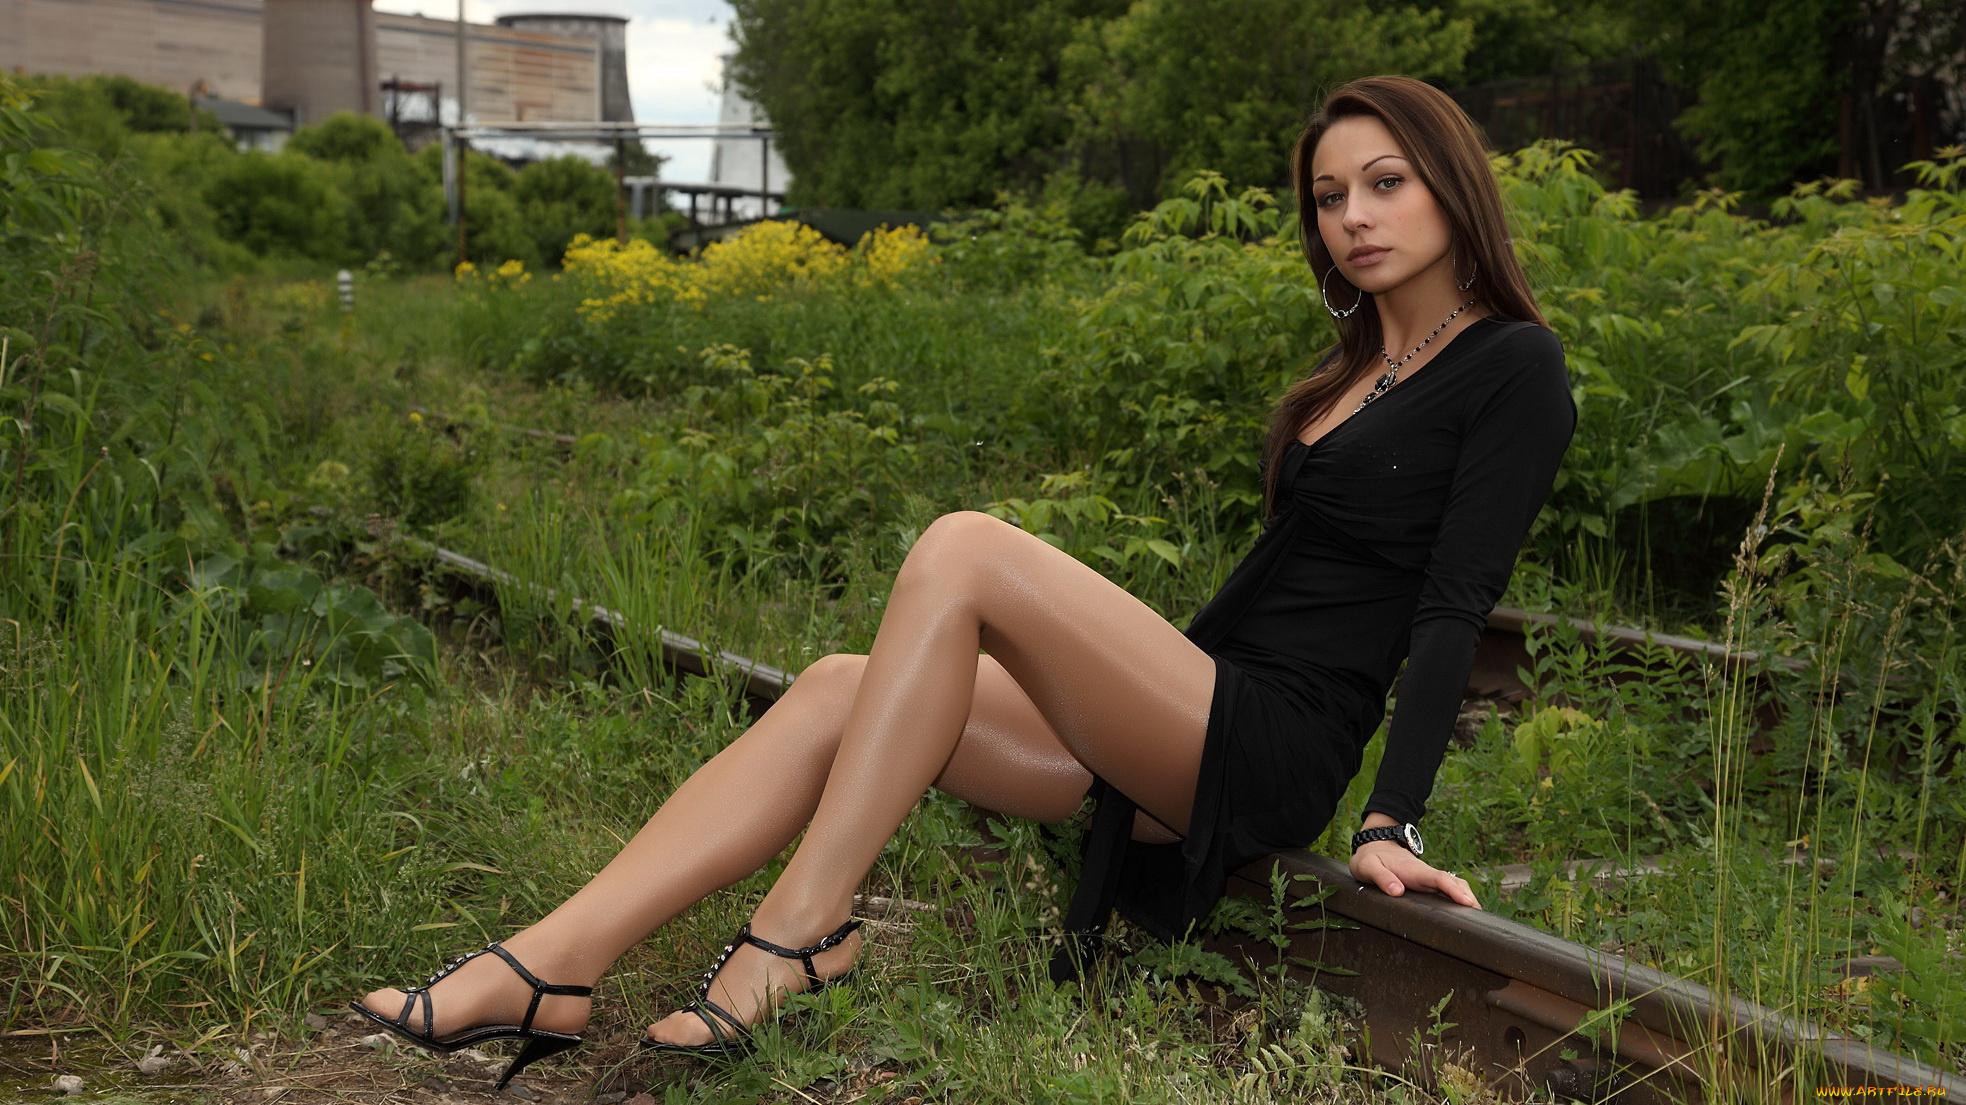 Смотреть фото девушки в платьях и чулках, В чулках. Голые девушки в чулках фото 8 фотография